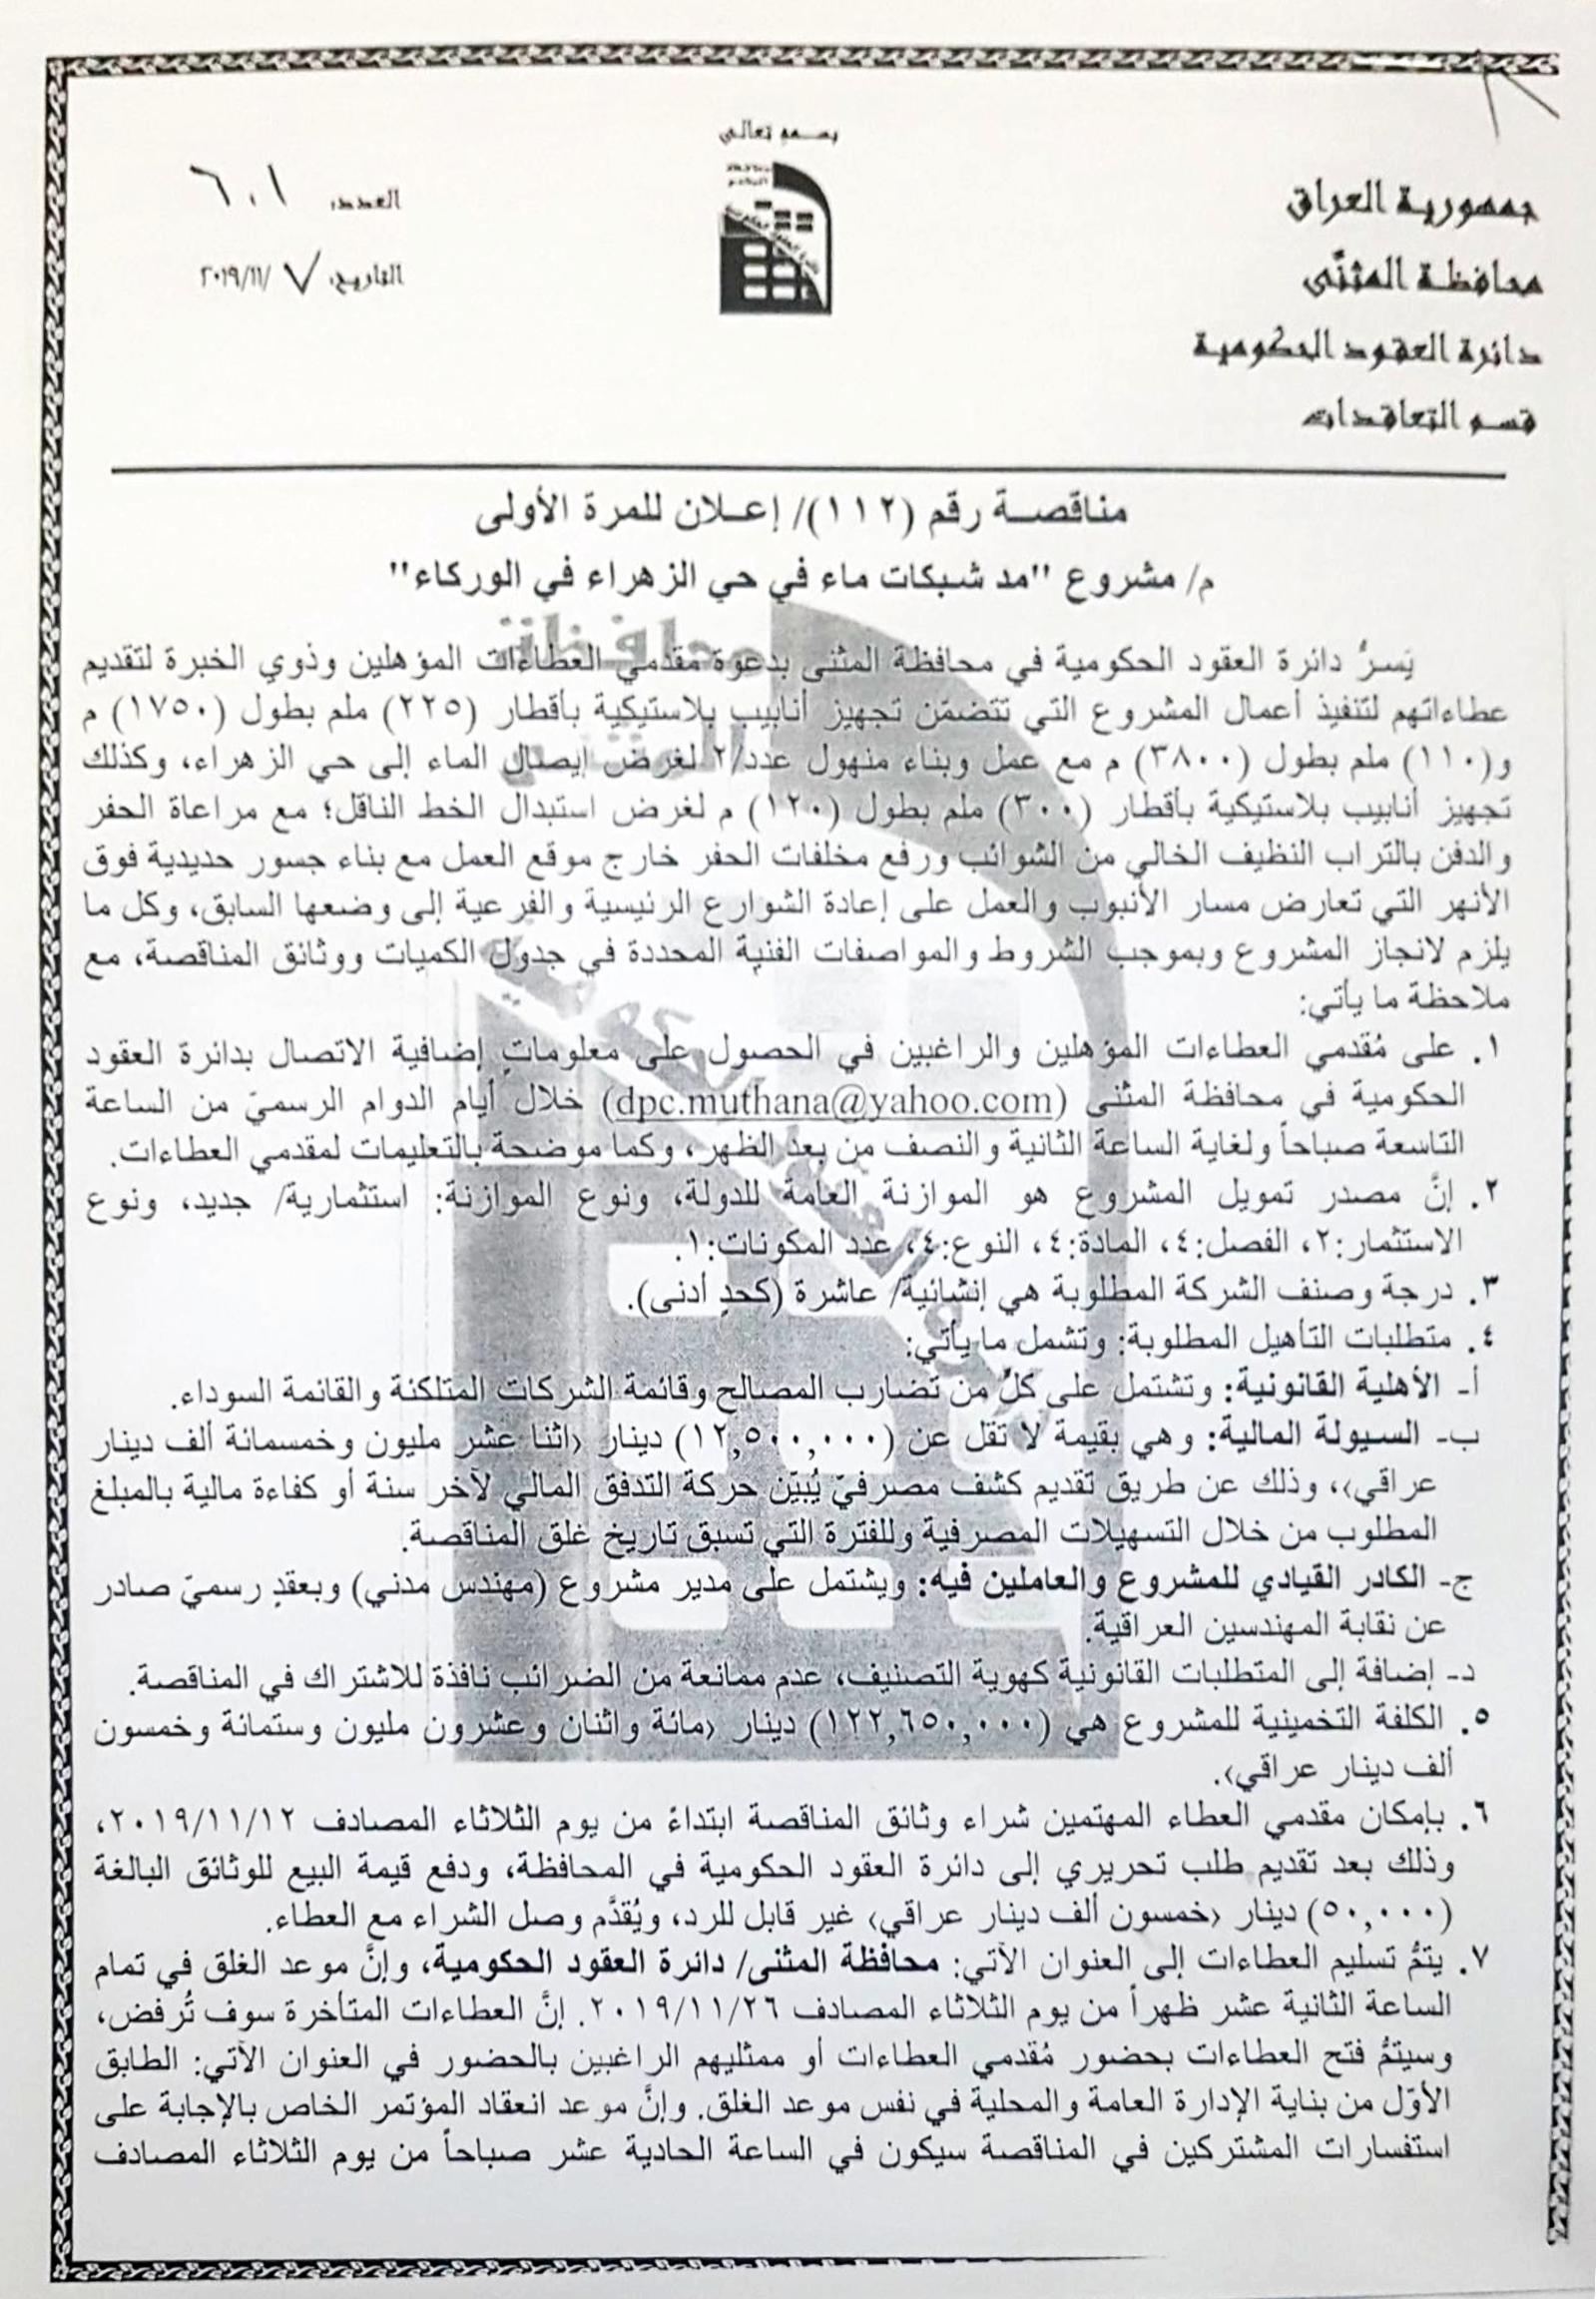 اعلان مشروع مد شبكات ماء في حي الزهراء في الوركاء